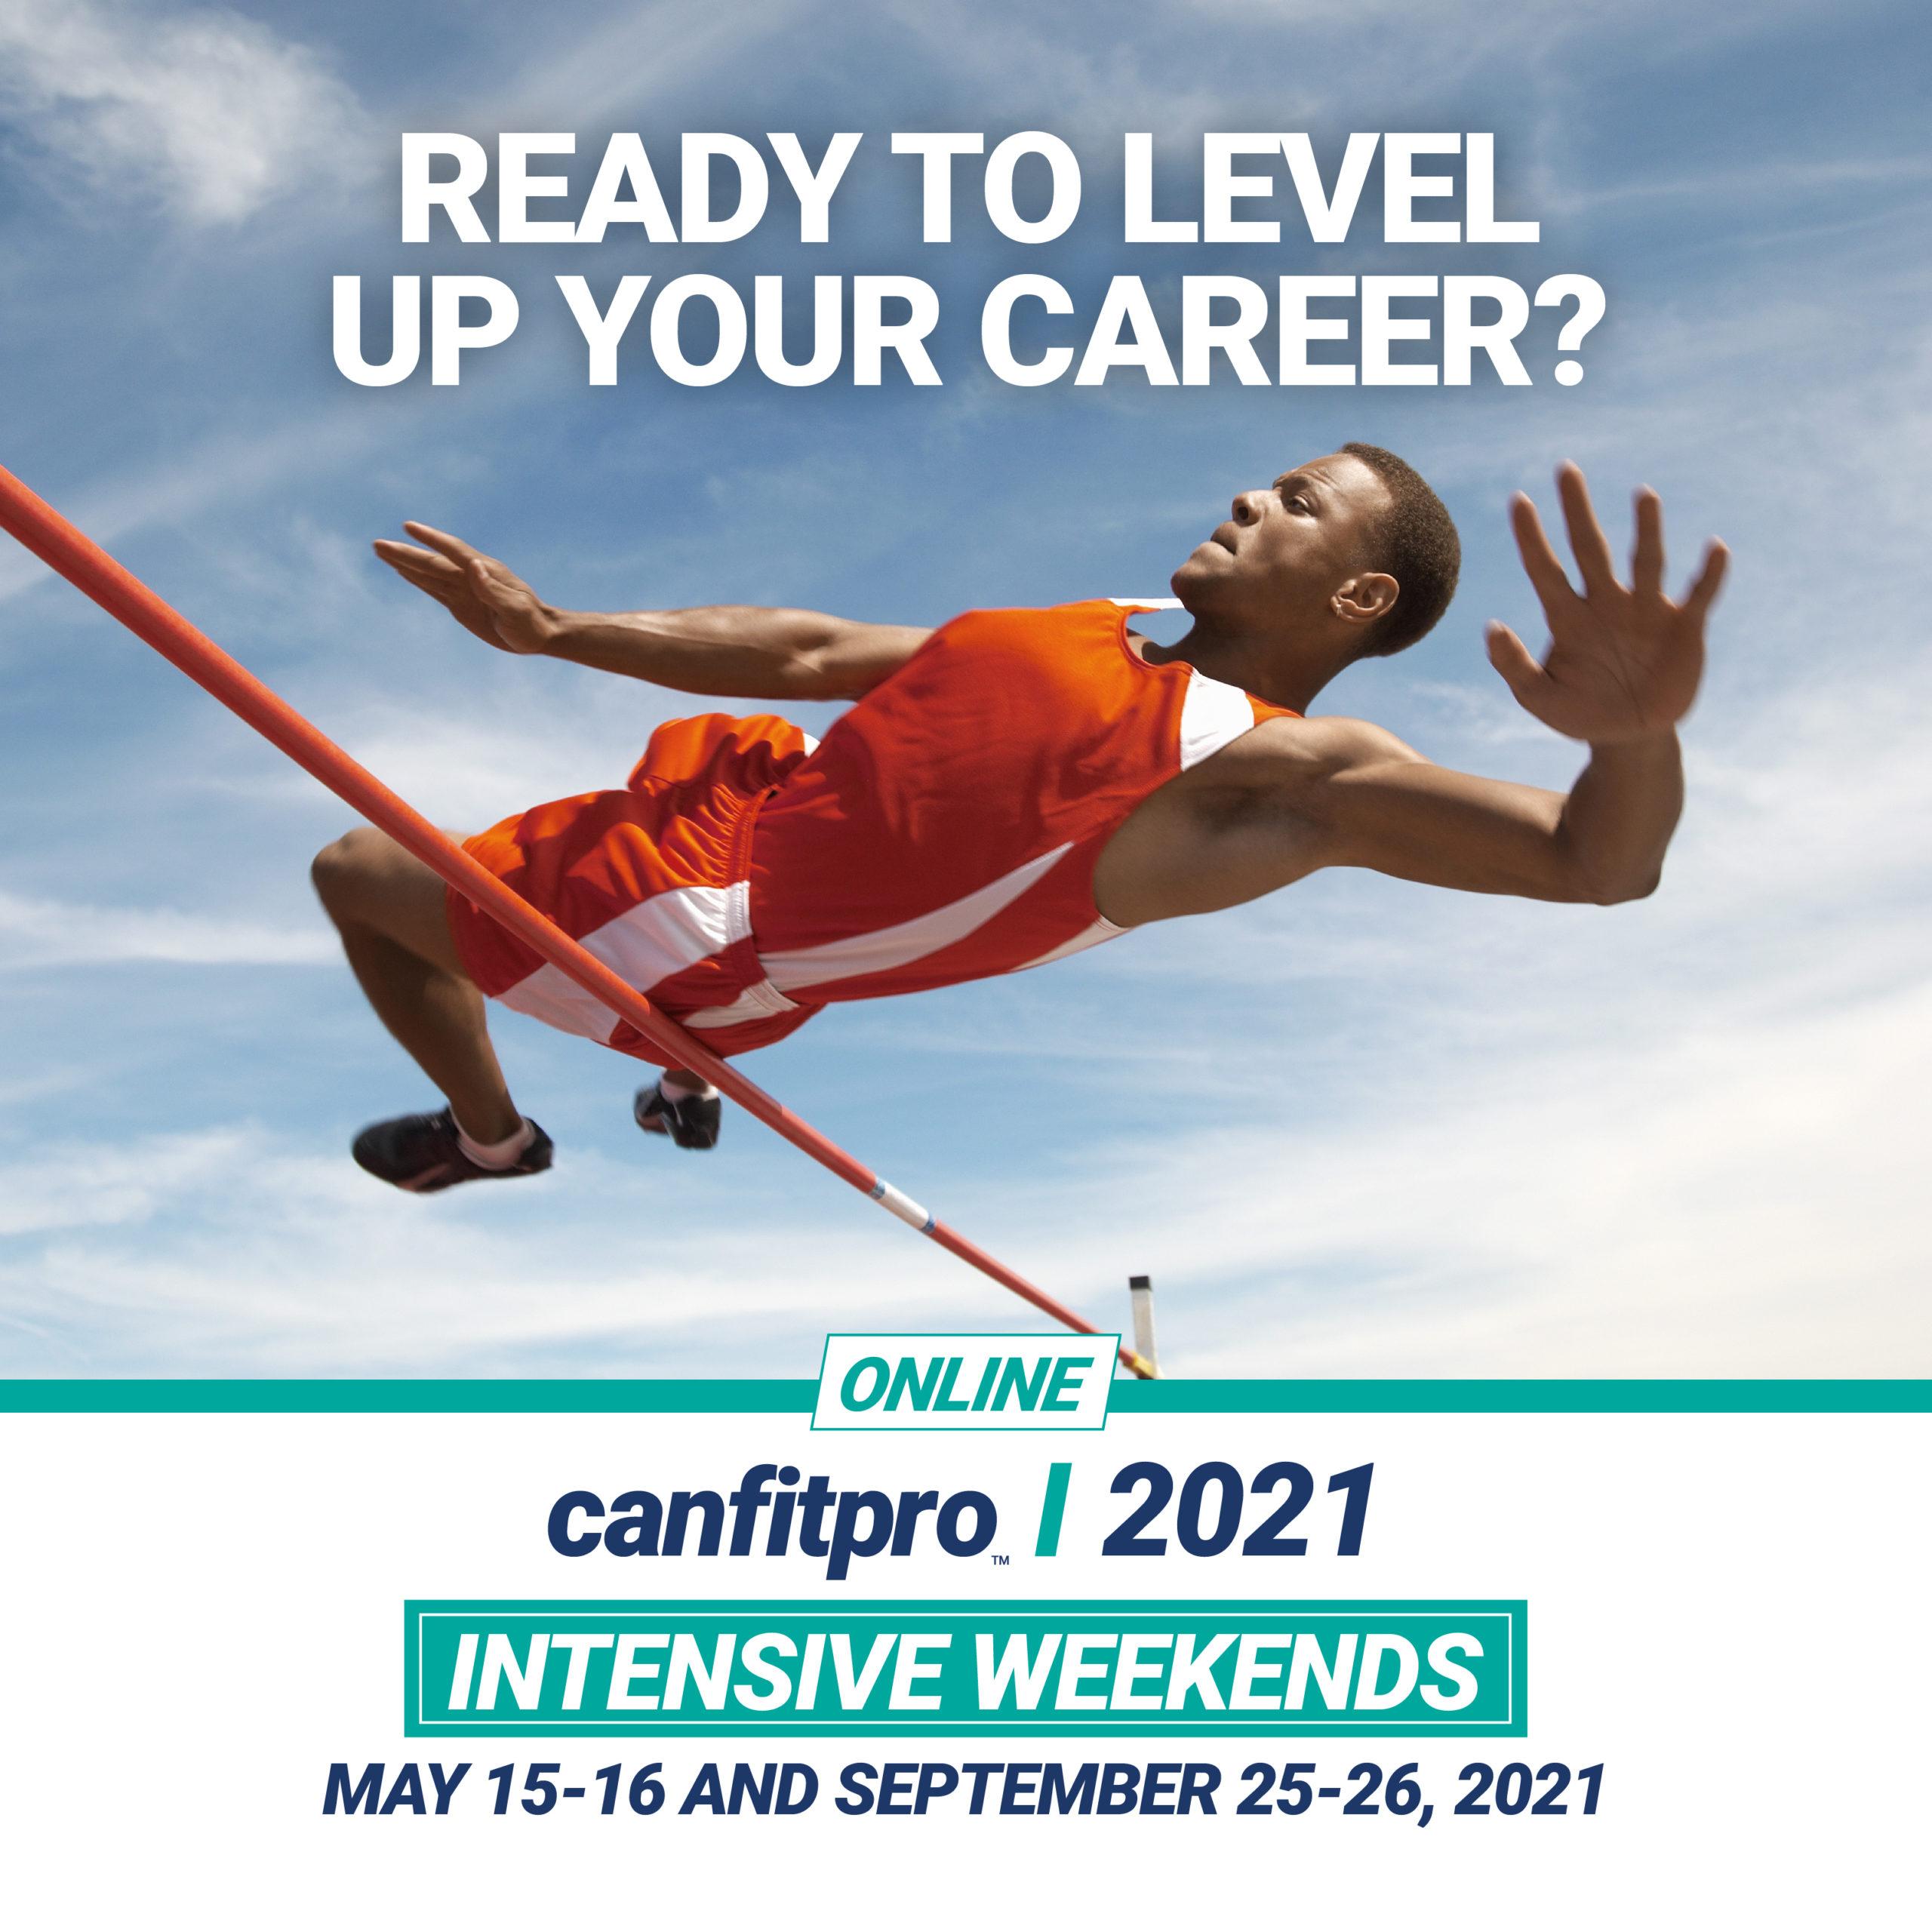 canfitpro 2021 intensive weekends